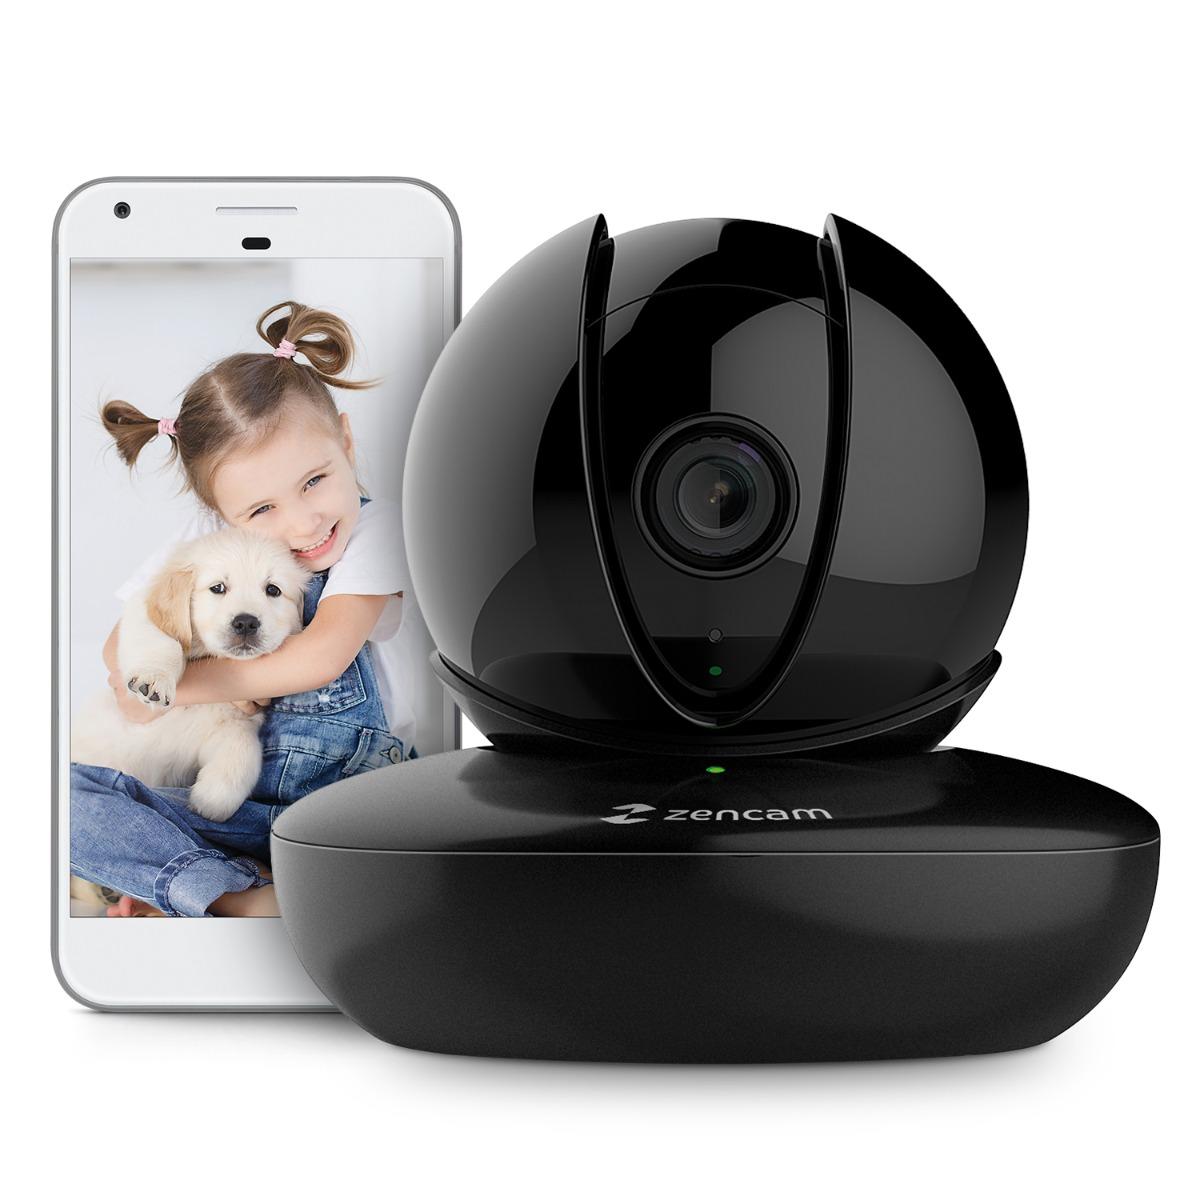 Zencam PT 720p